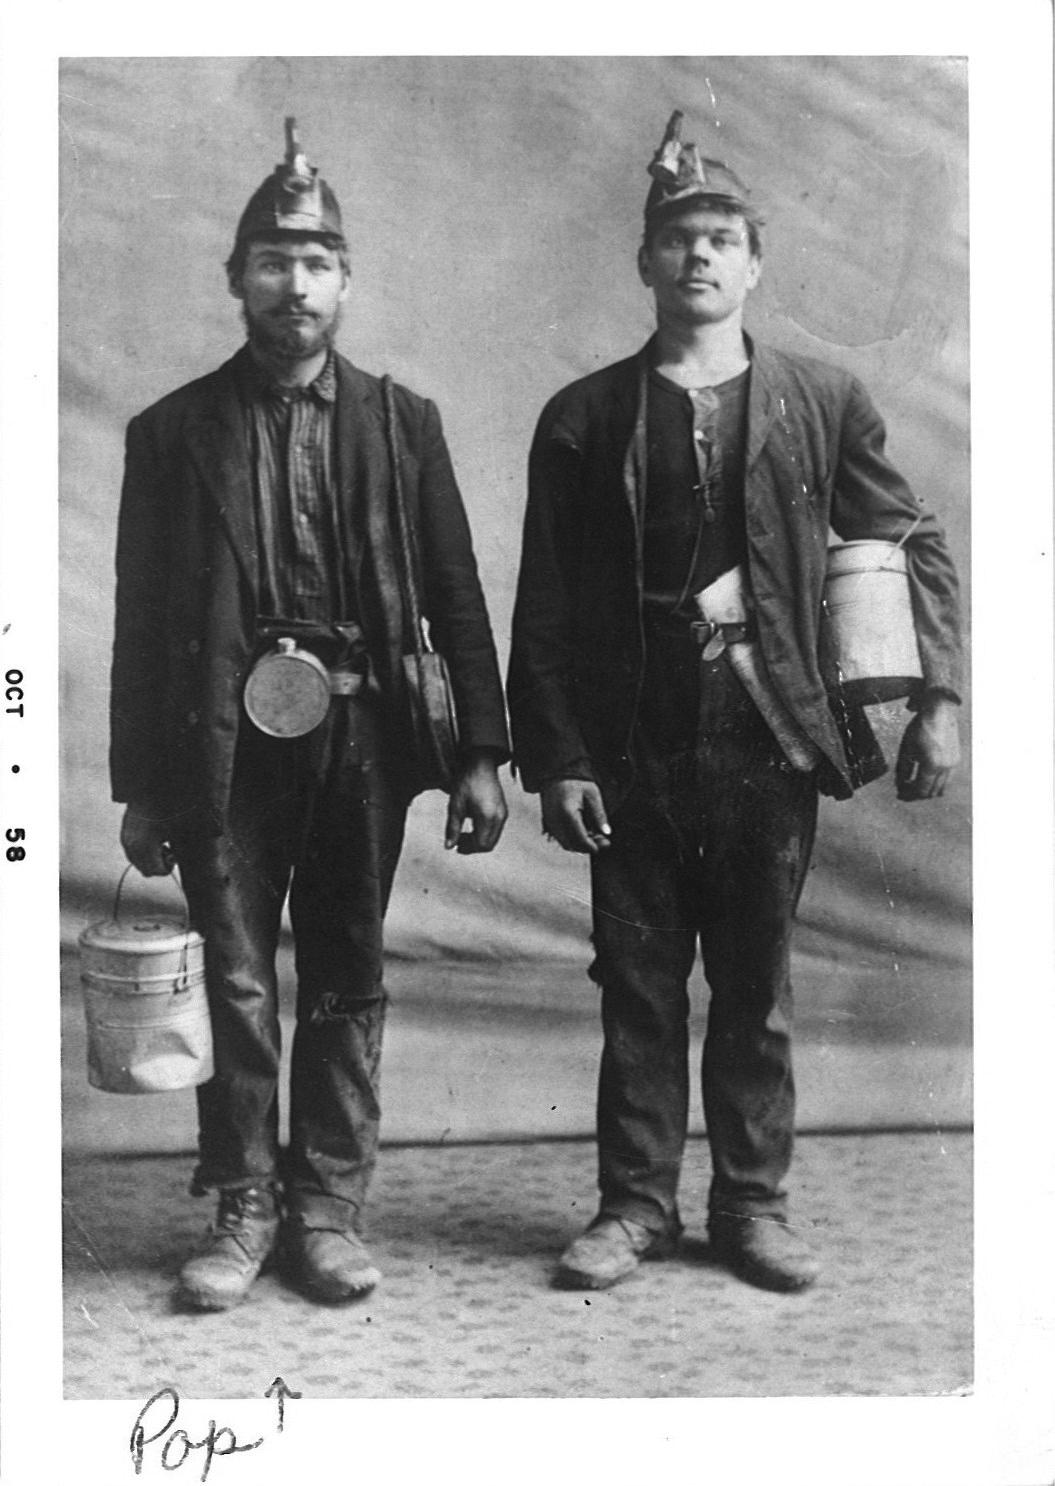 Angliakasiai Juozas Pakutinskas ir Kazys Mickus, maždaug 1910.